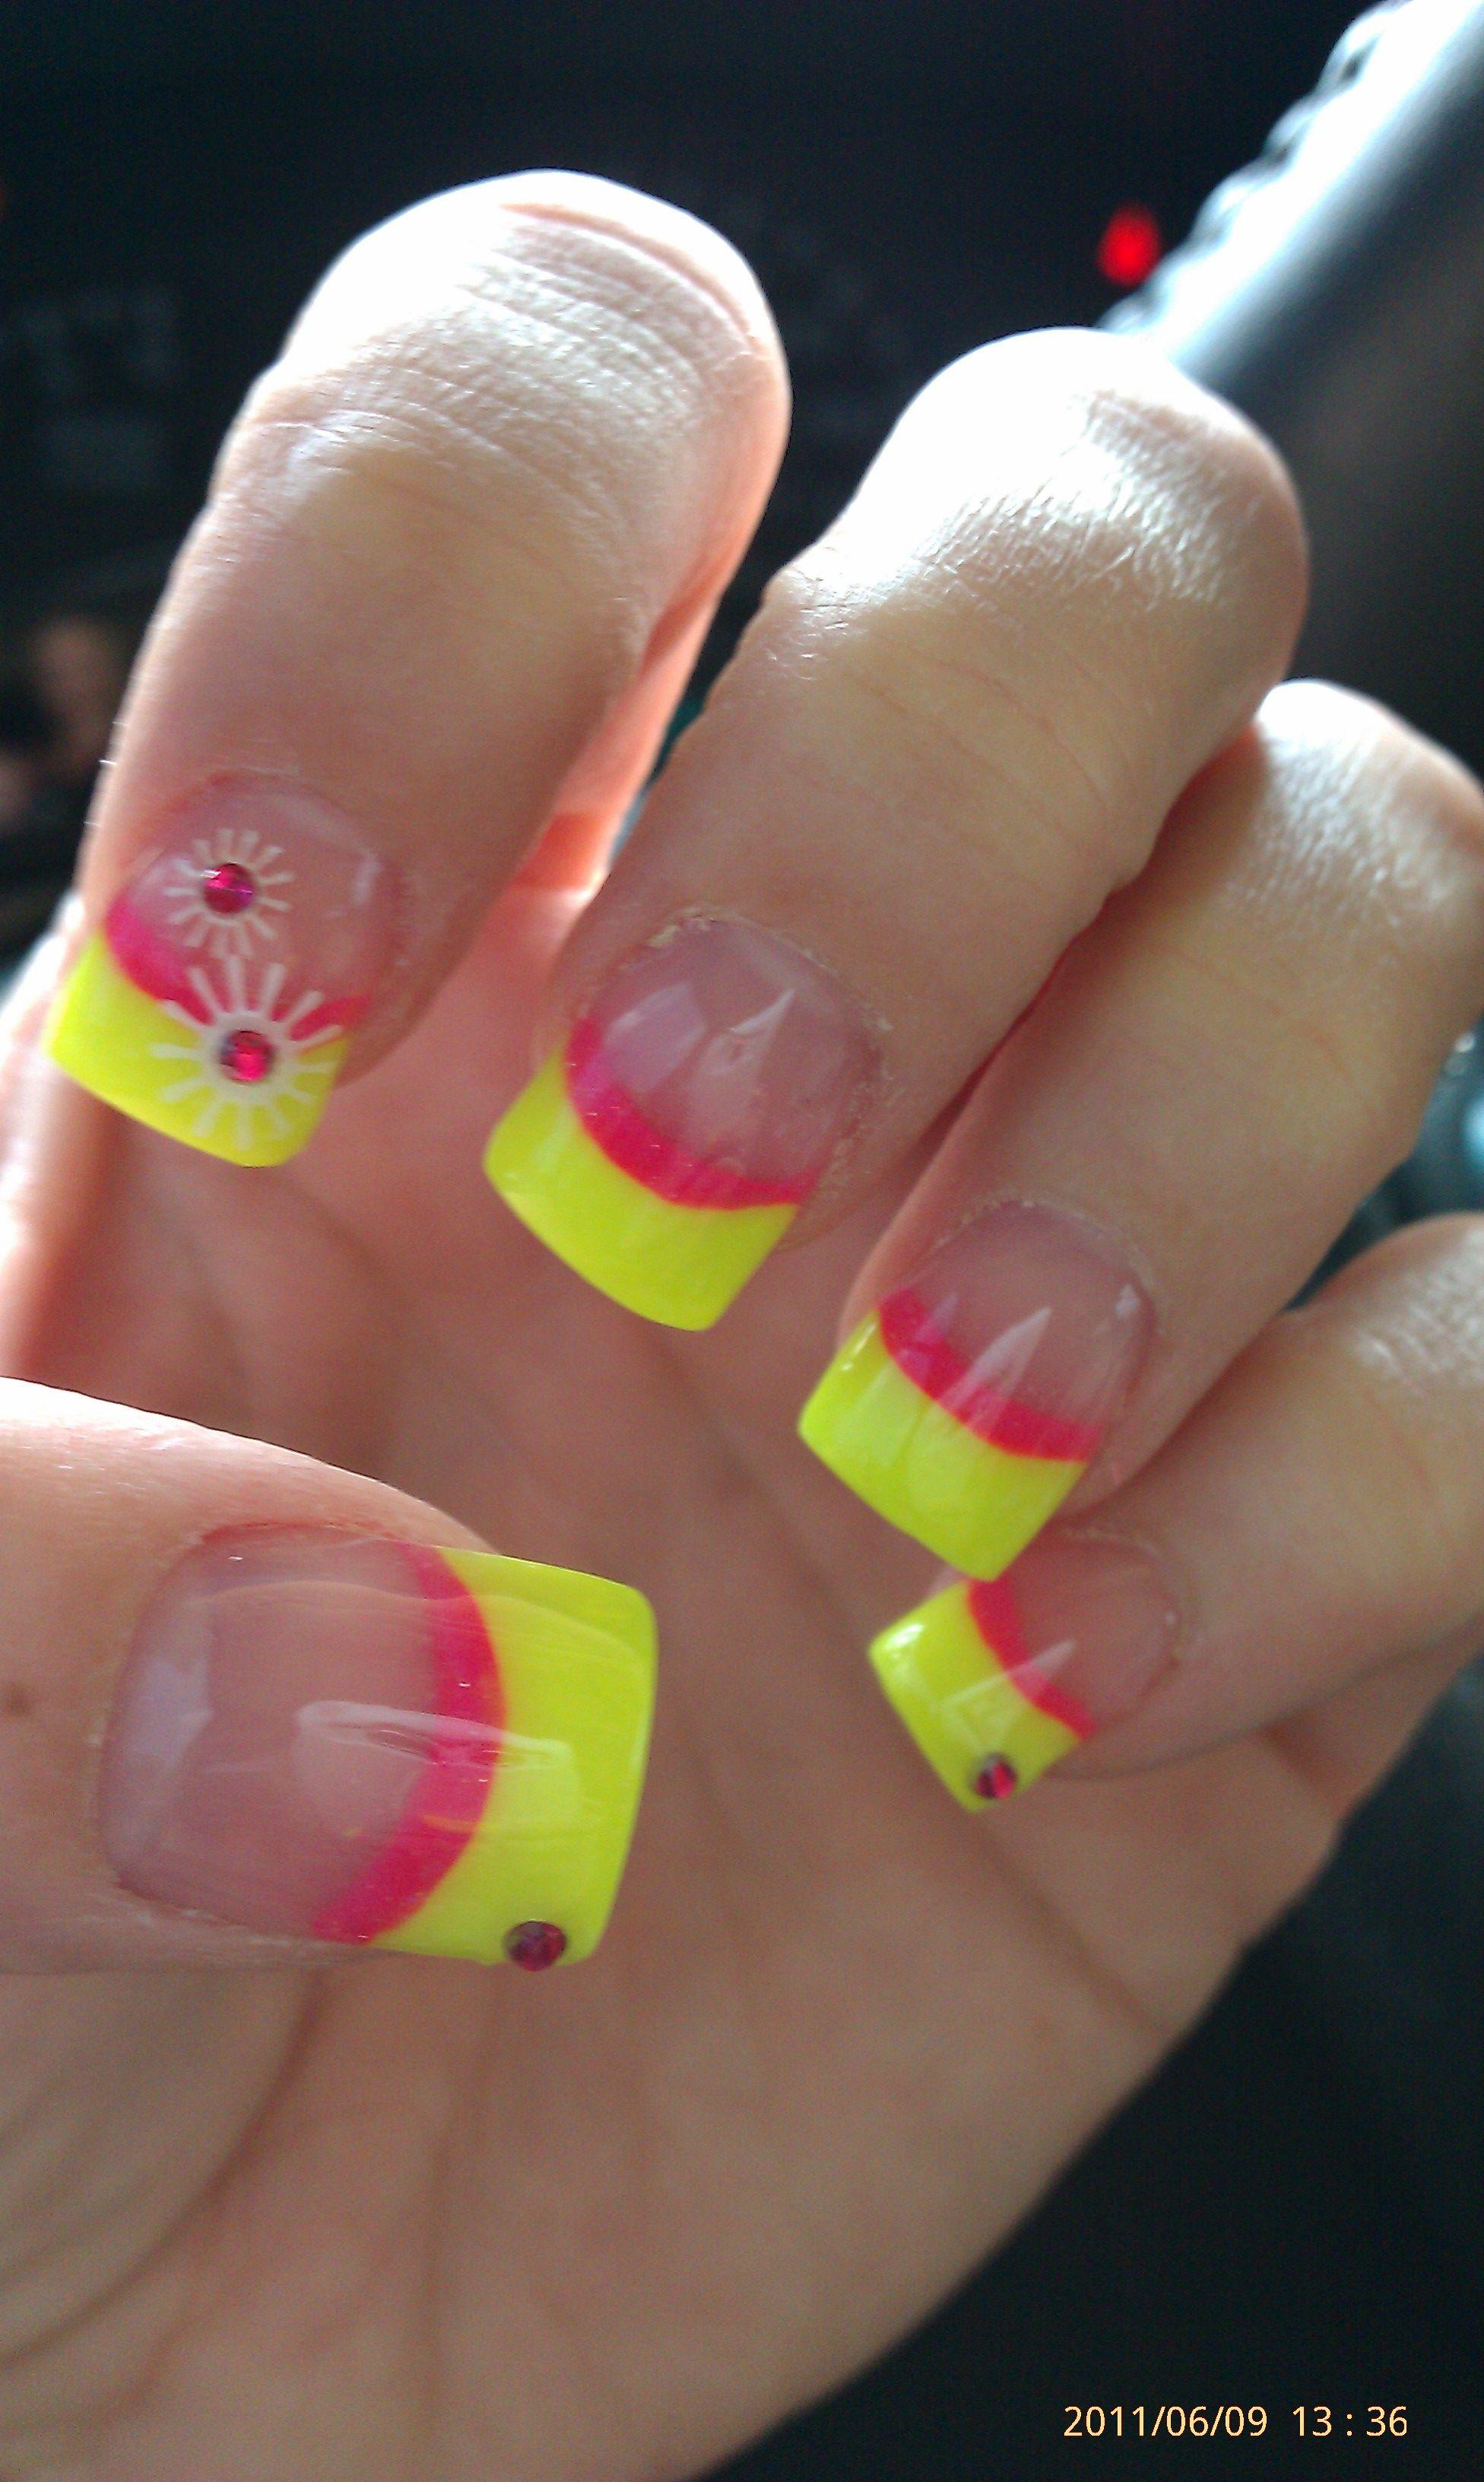 bright pink/yellow acrylic w/ white Konad nail art and pink jewels.